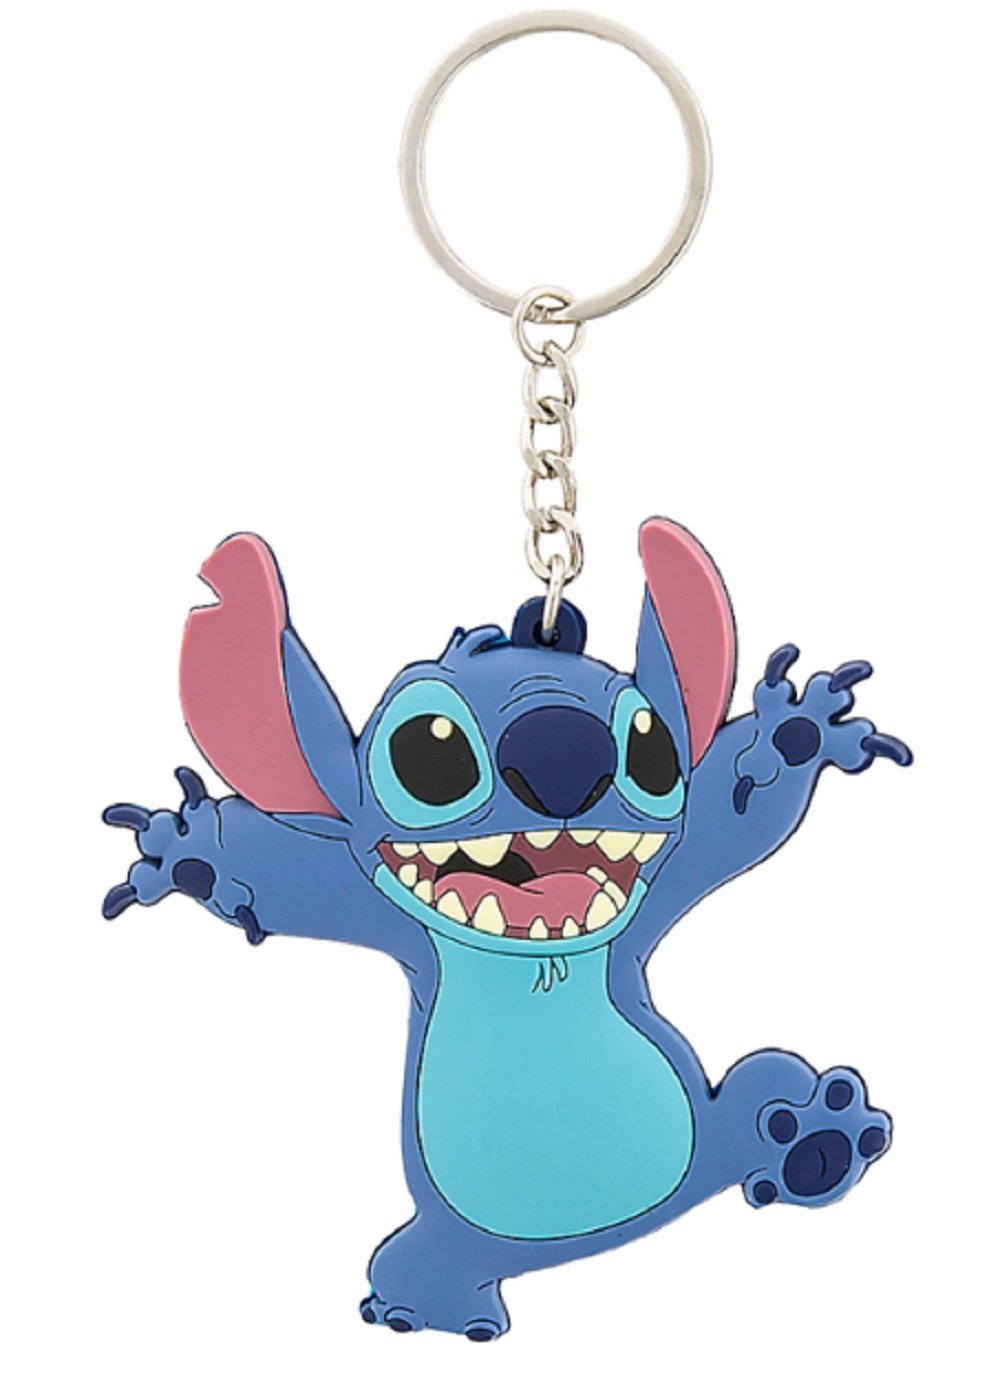 Disney Parks Keychain - Stitch